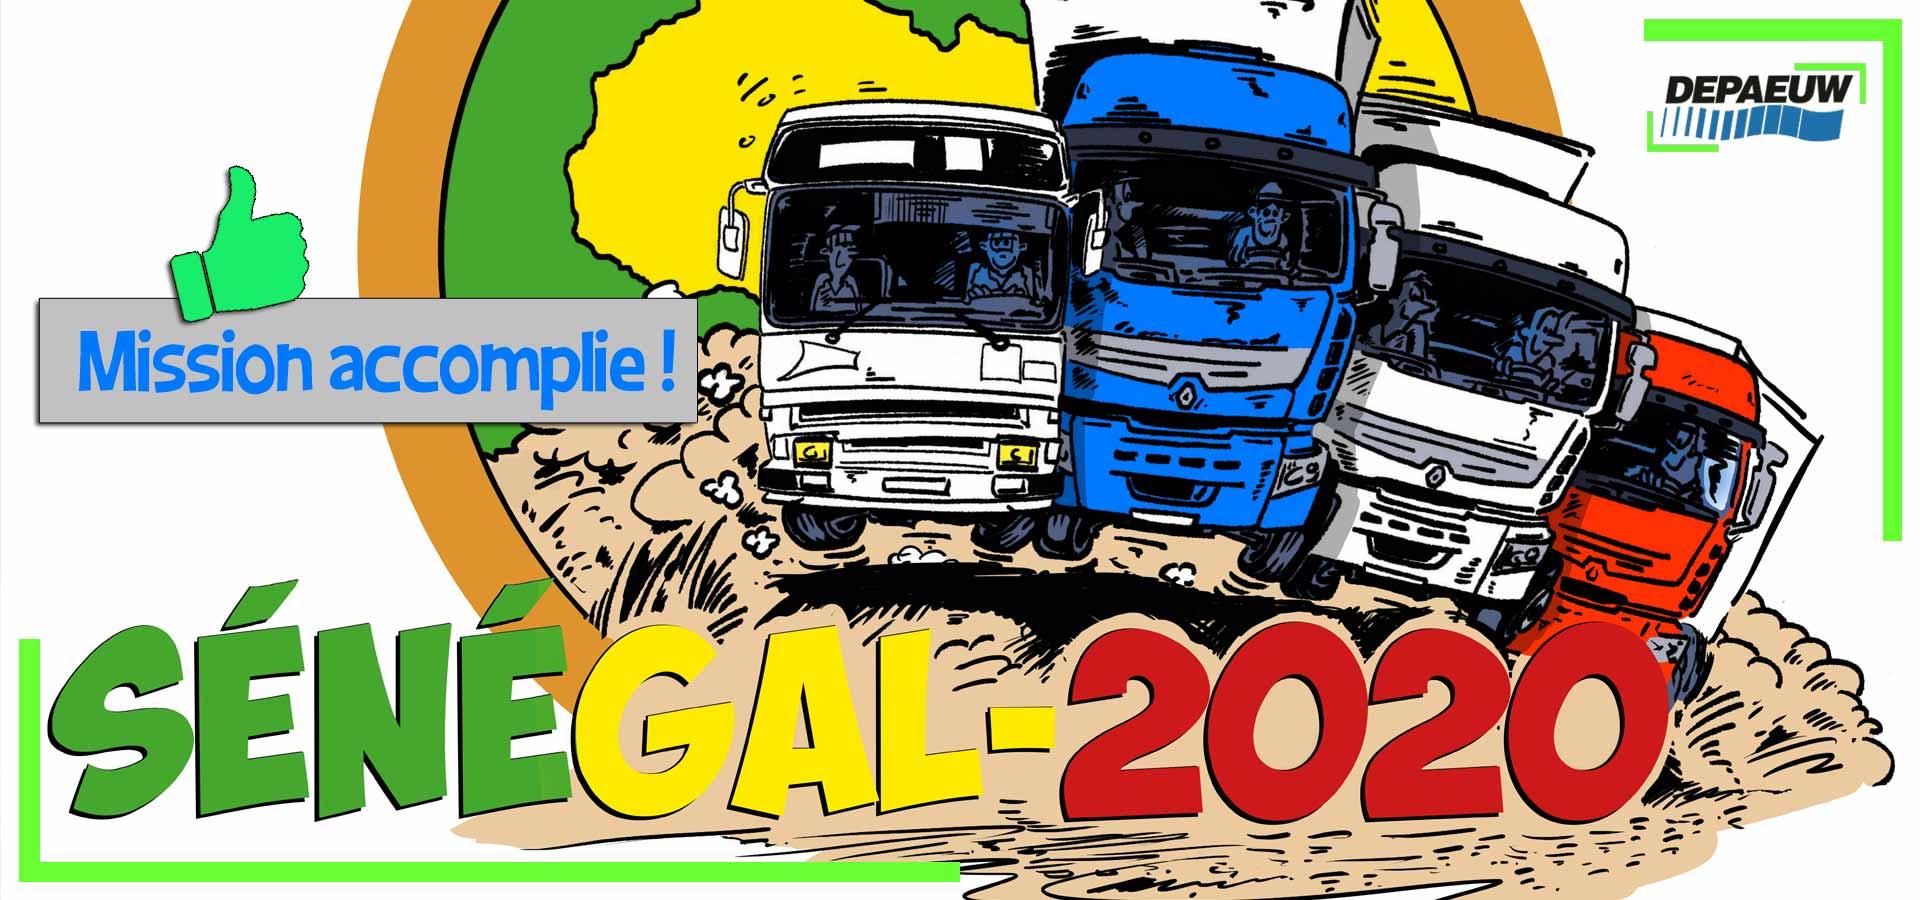 Mission accomplie pour le convoi humanitaire 2020 !